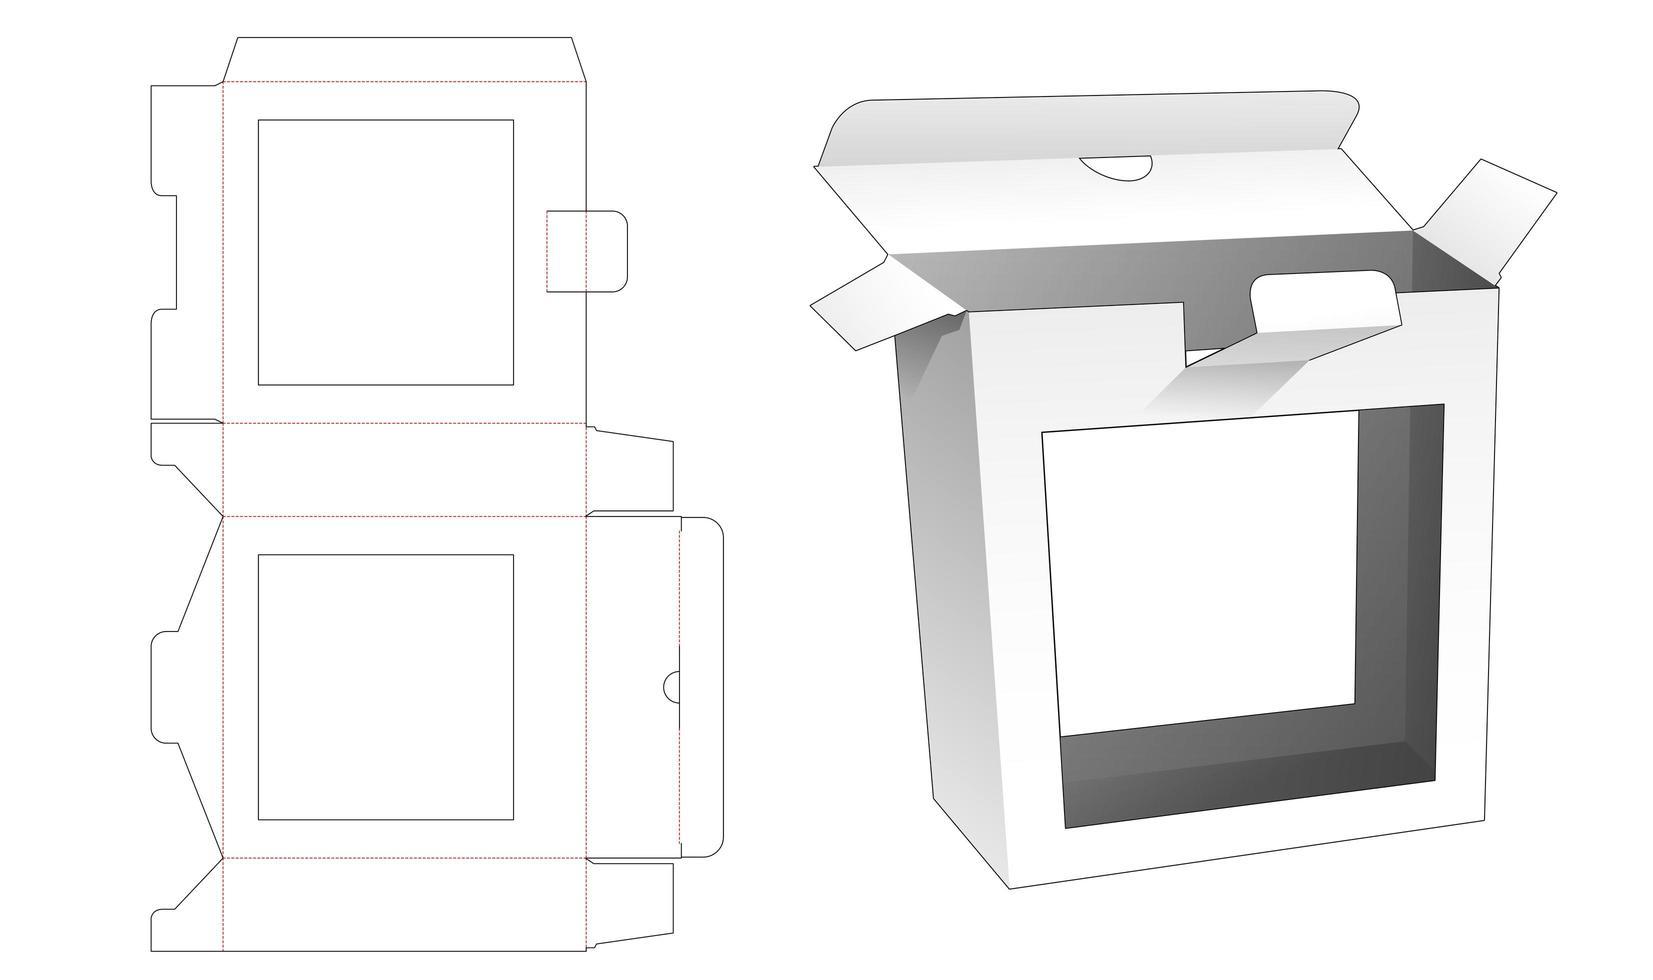 Blechdose mit 2 Fenstern vektor